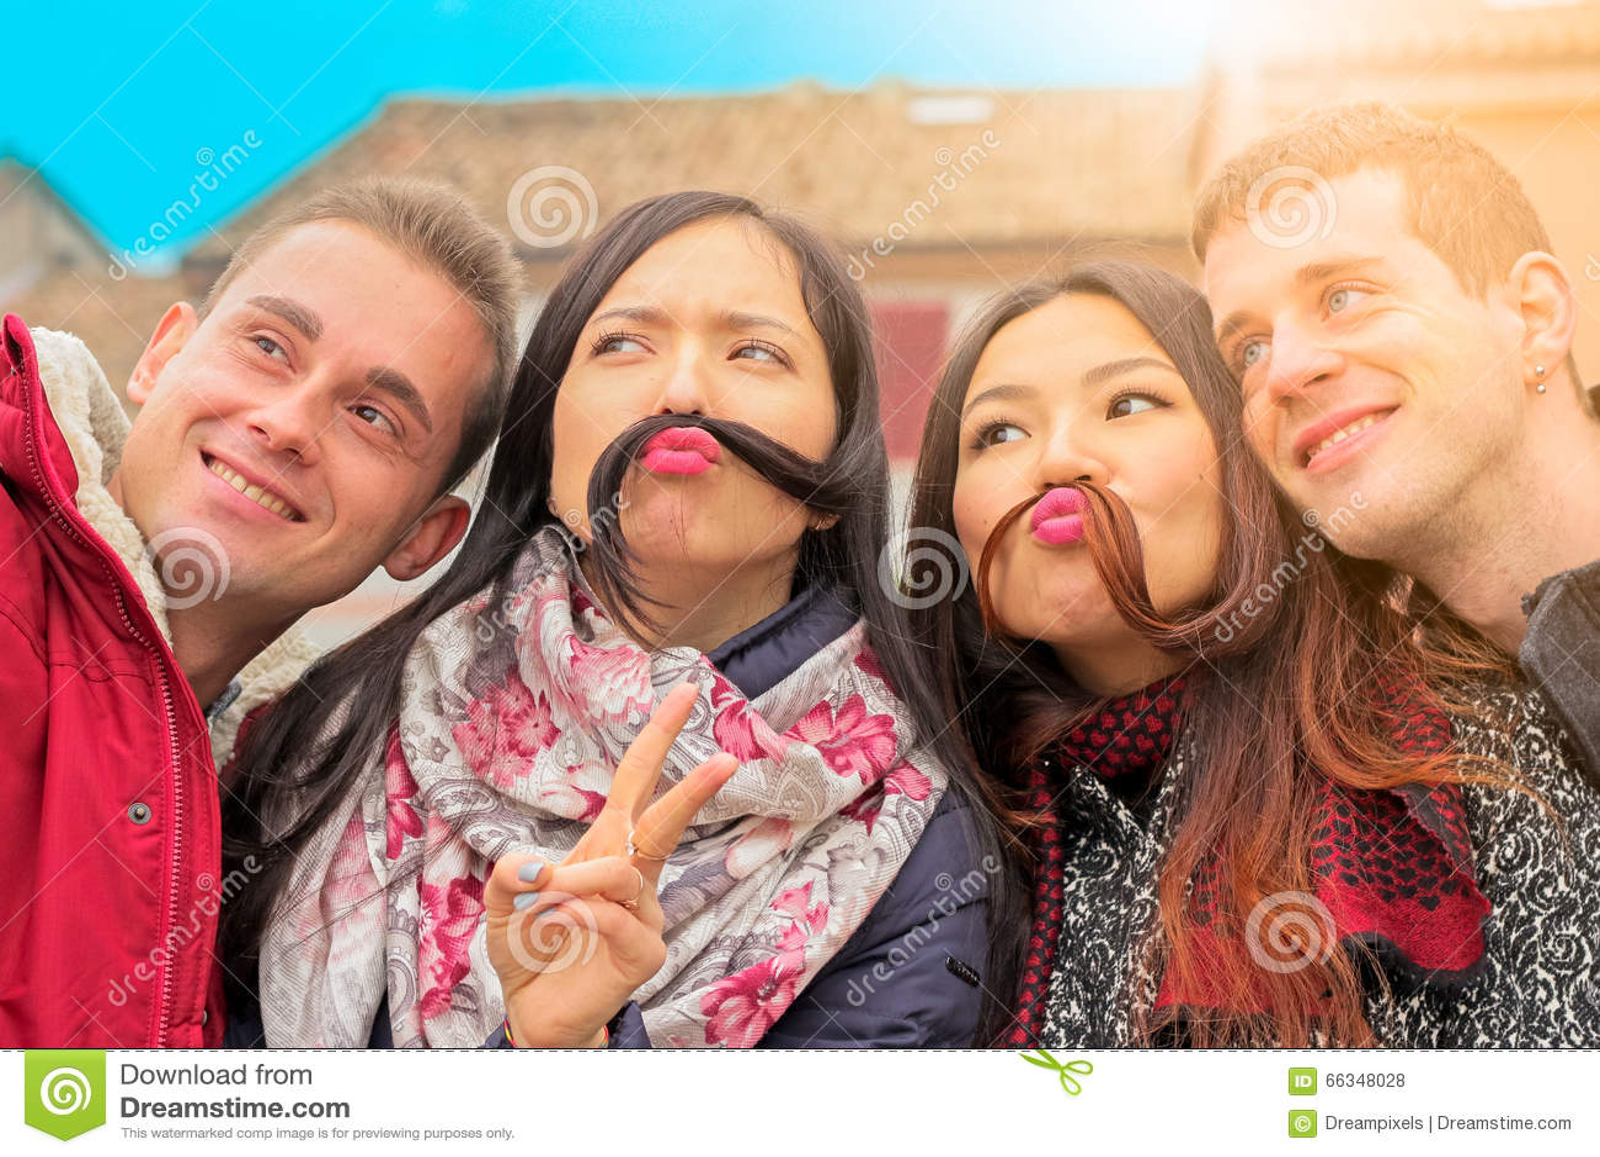 Bästa vän får roligt posera för selfie